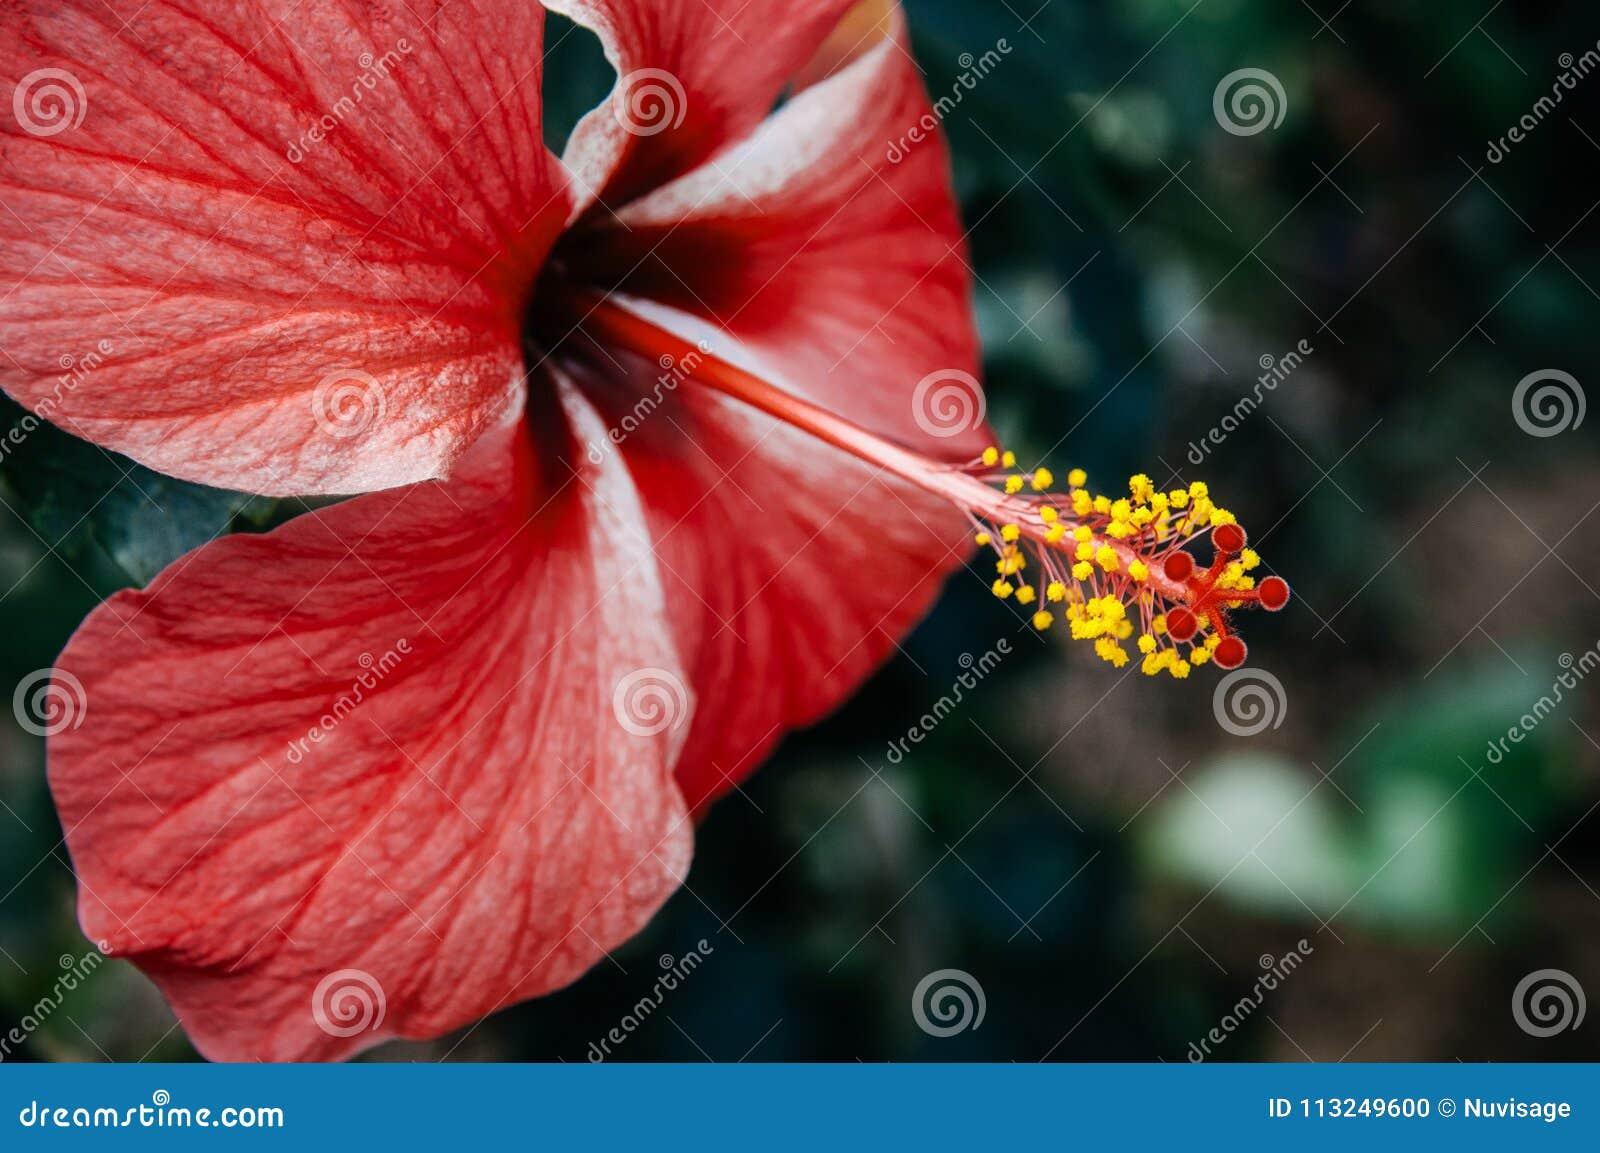 Pink hibiscus flower chinese hibiscus or china rose or hawaiian download pink hibiscus flower chinese hibiscus or china rose or hawaiian stock photo image izmirmasajfo